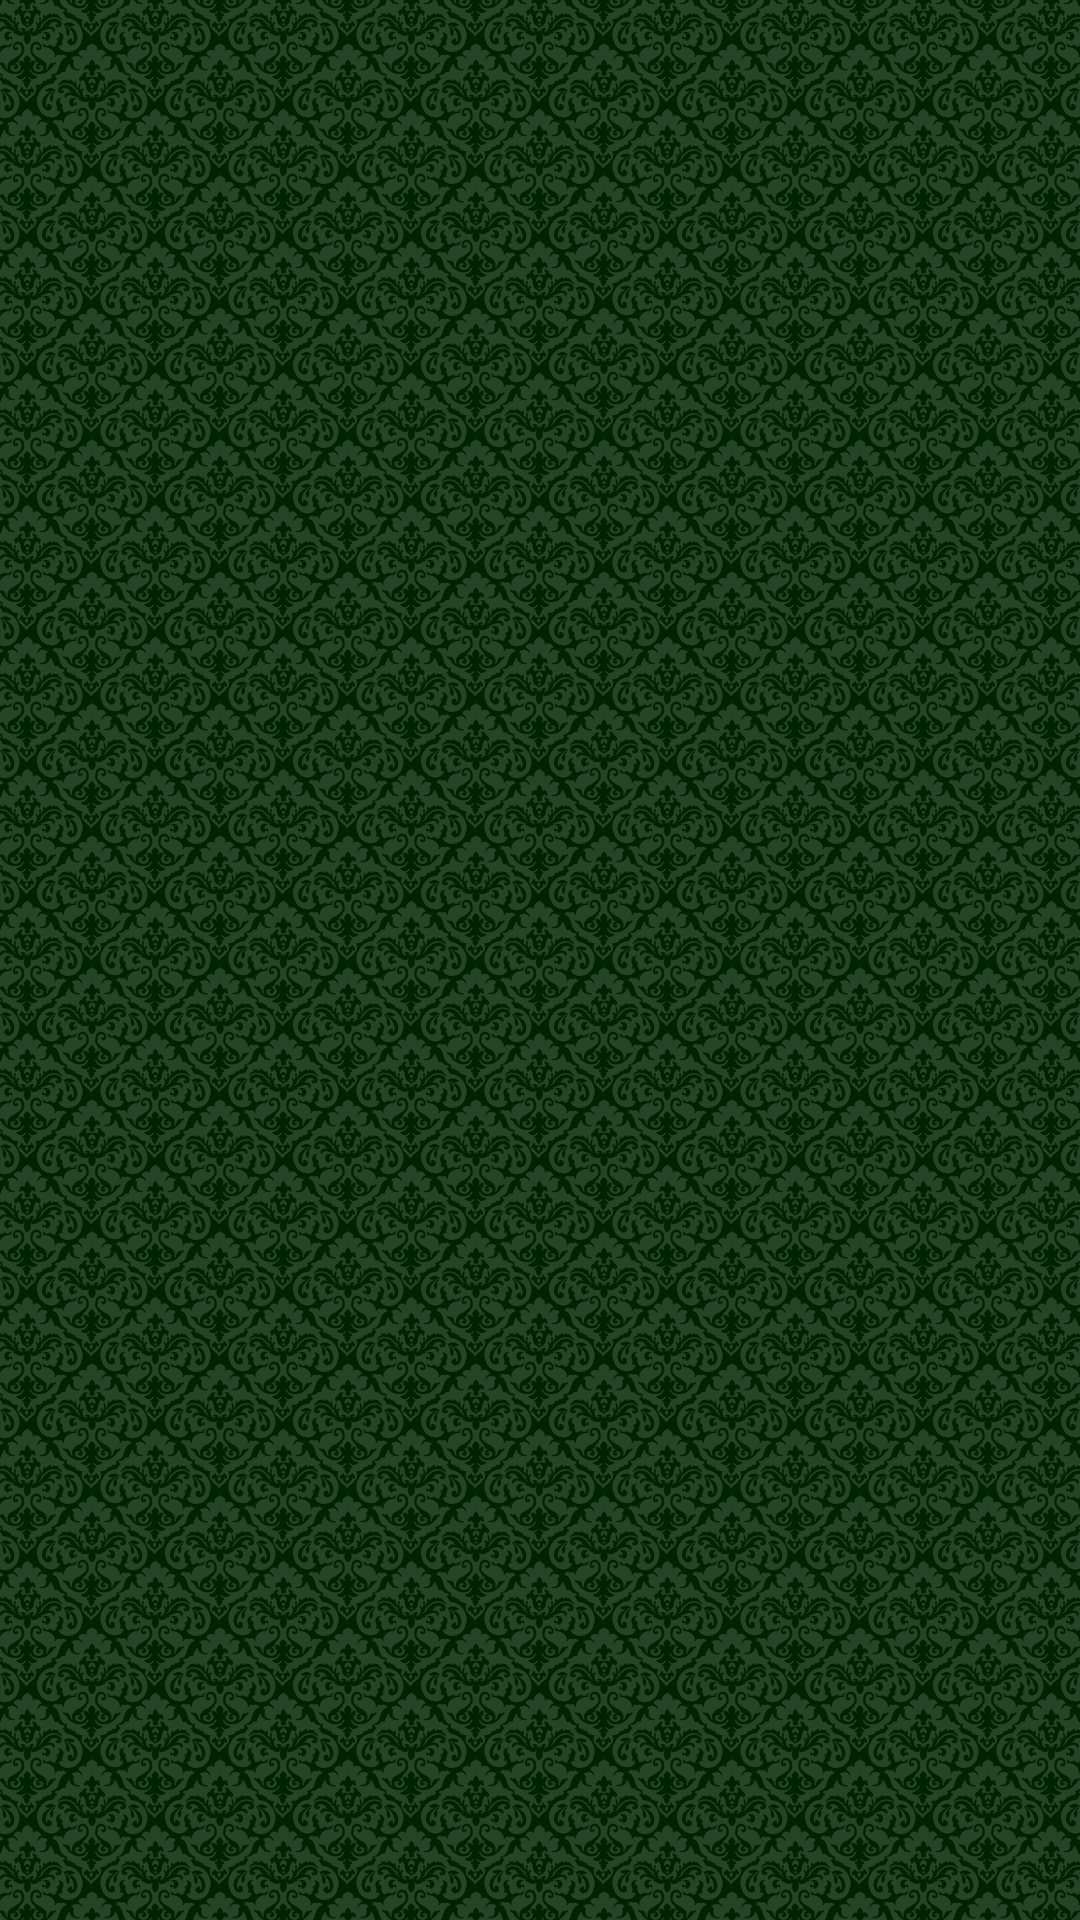 slytherin wallpaper 115   1080x1920 pixel   WallpaperPass 1080x1920